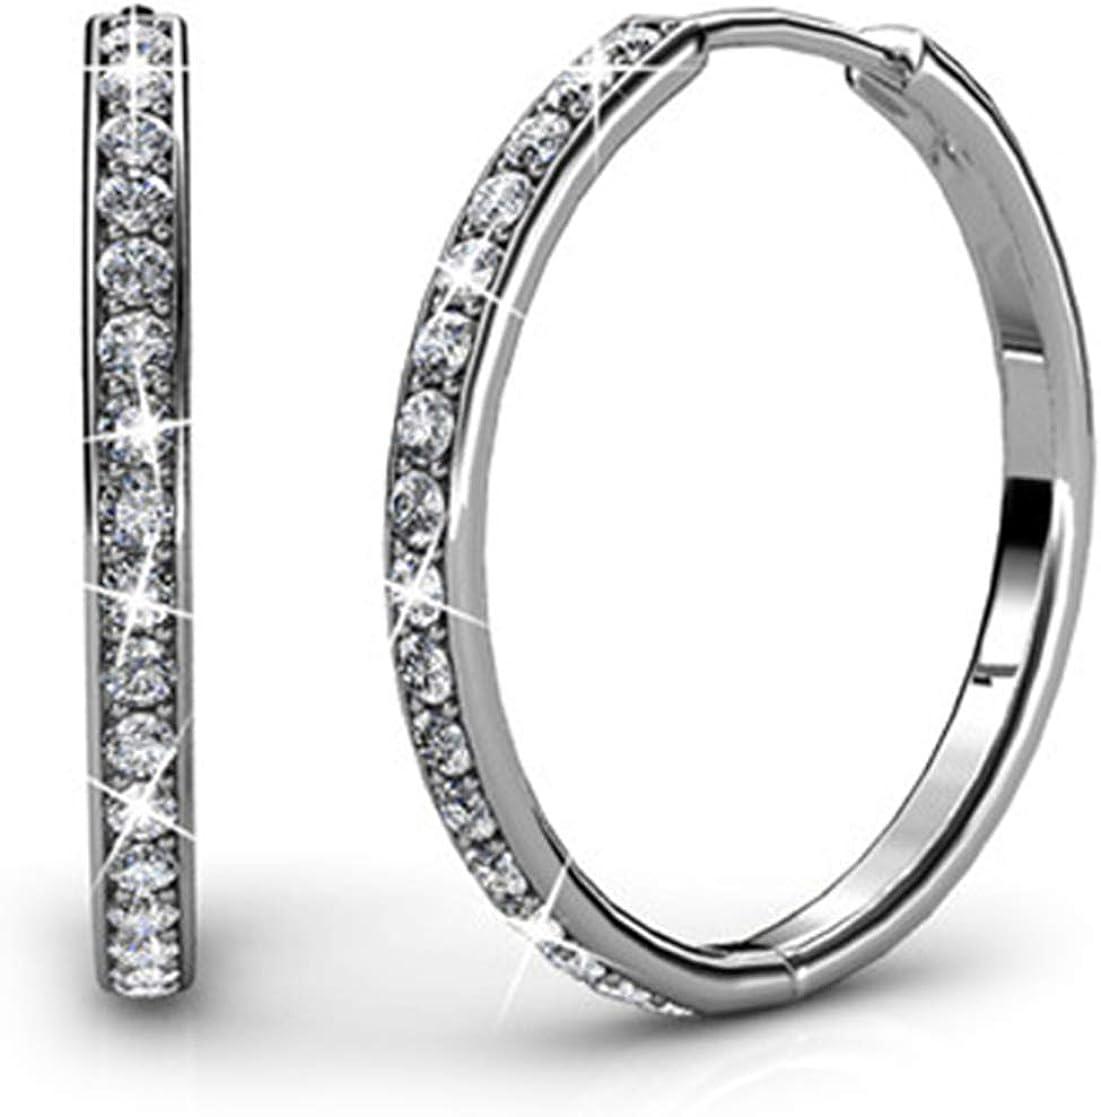 Cate&Chloe Bianca 18 K oro blanco Swarovski Pendientes de aro, cristal gota Dangle Pendientes, mejor plata aros para las mujeres, las niñas, señoras, special-occasion joyas con cristales de Swarov